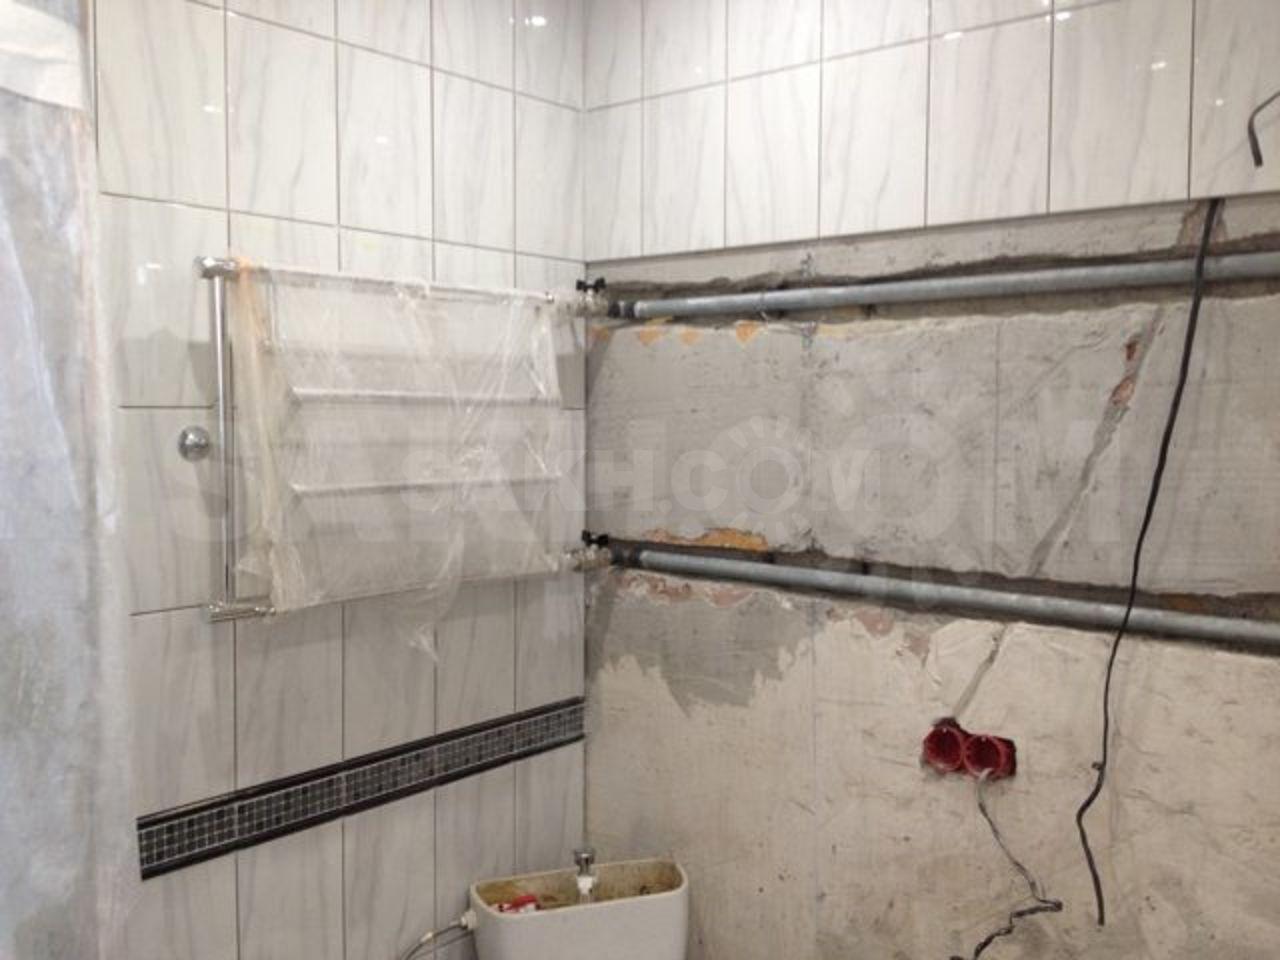 Сушилка для полотенец в ванную: как самостоятельно установить